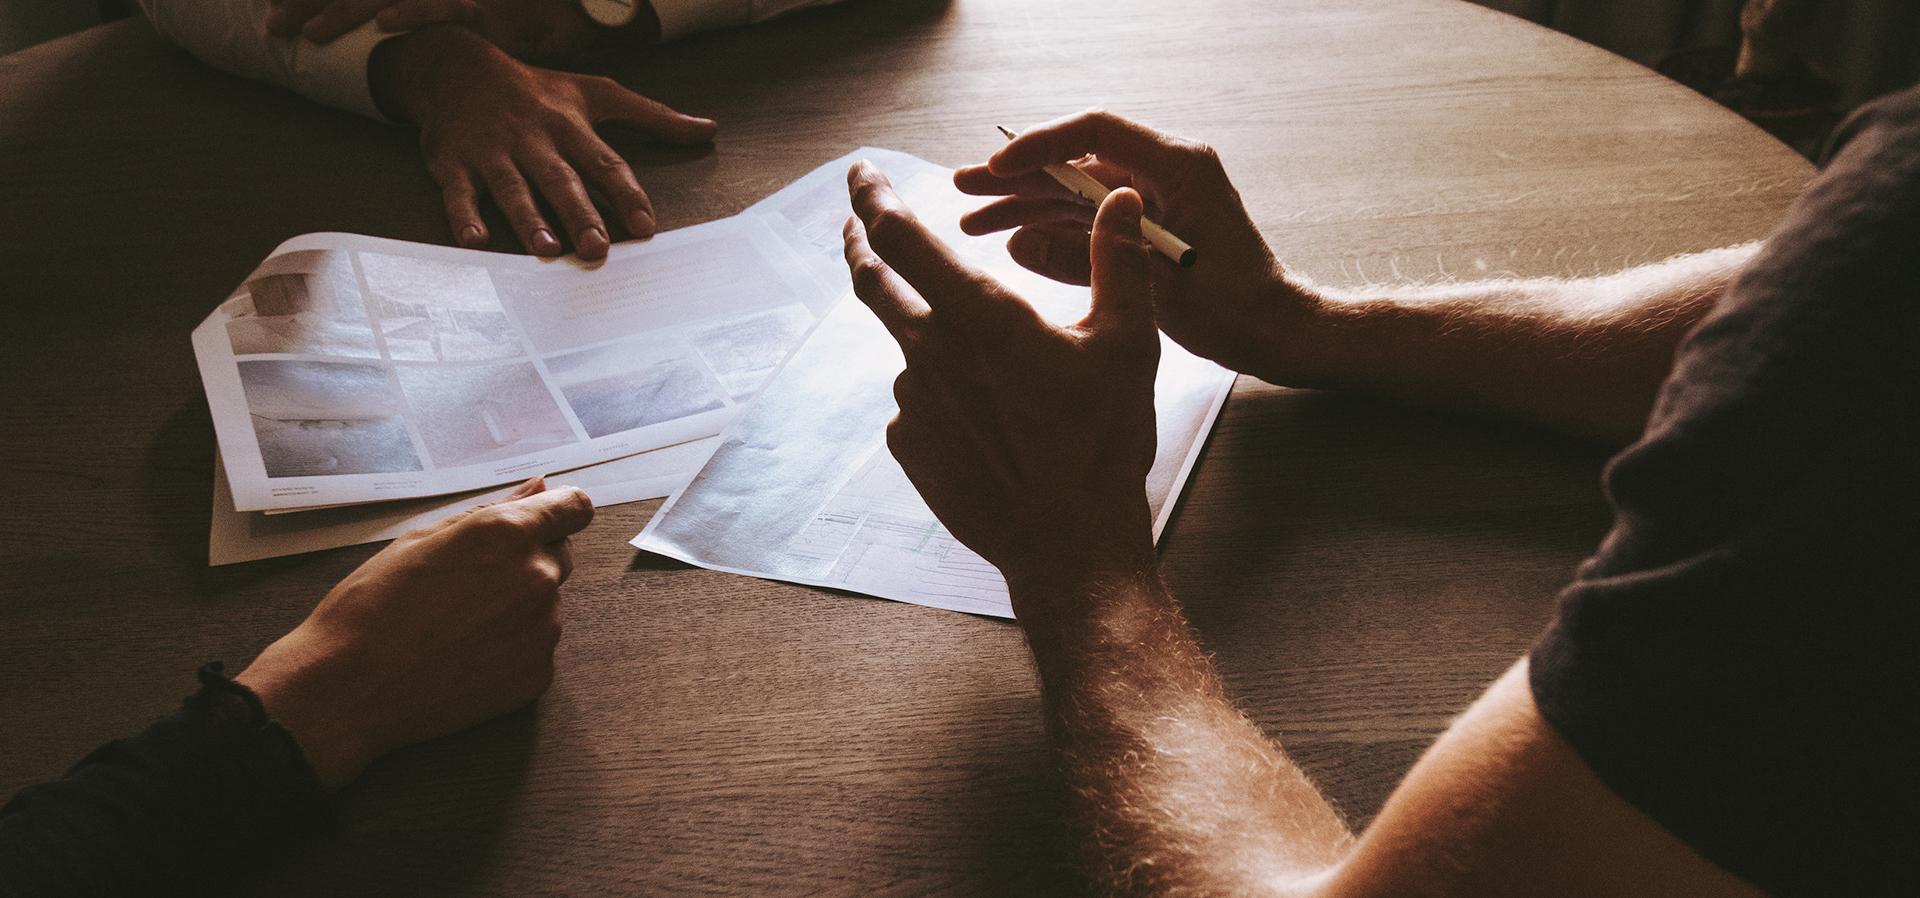 hands near a notebook working